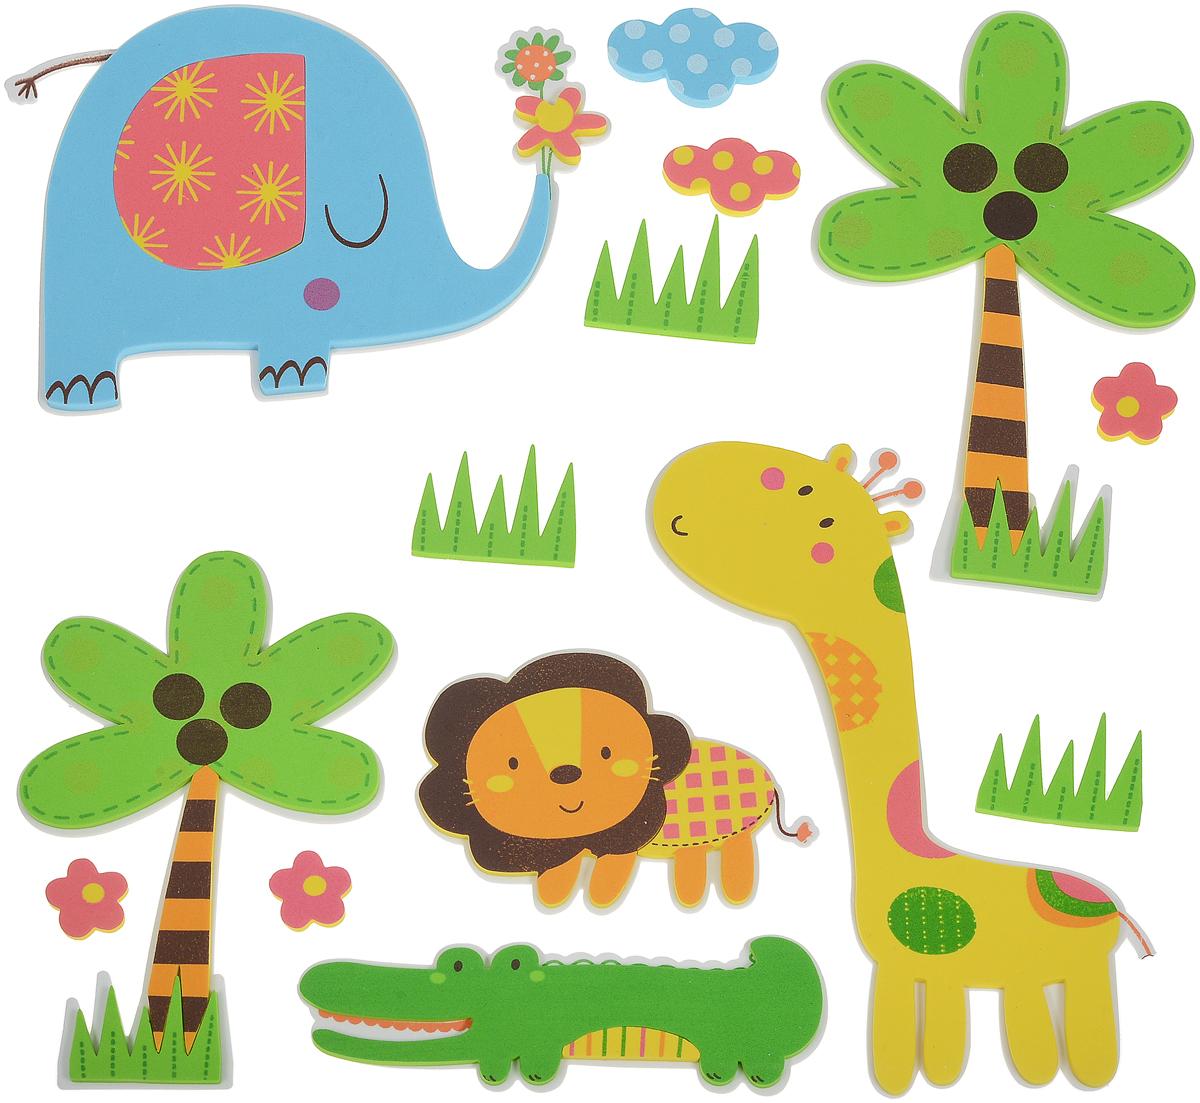 Room Decor Наклейка интерьерная Детские картинки цвет зеленый желтый голубой 14 шт -  Детская комната